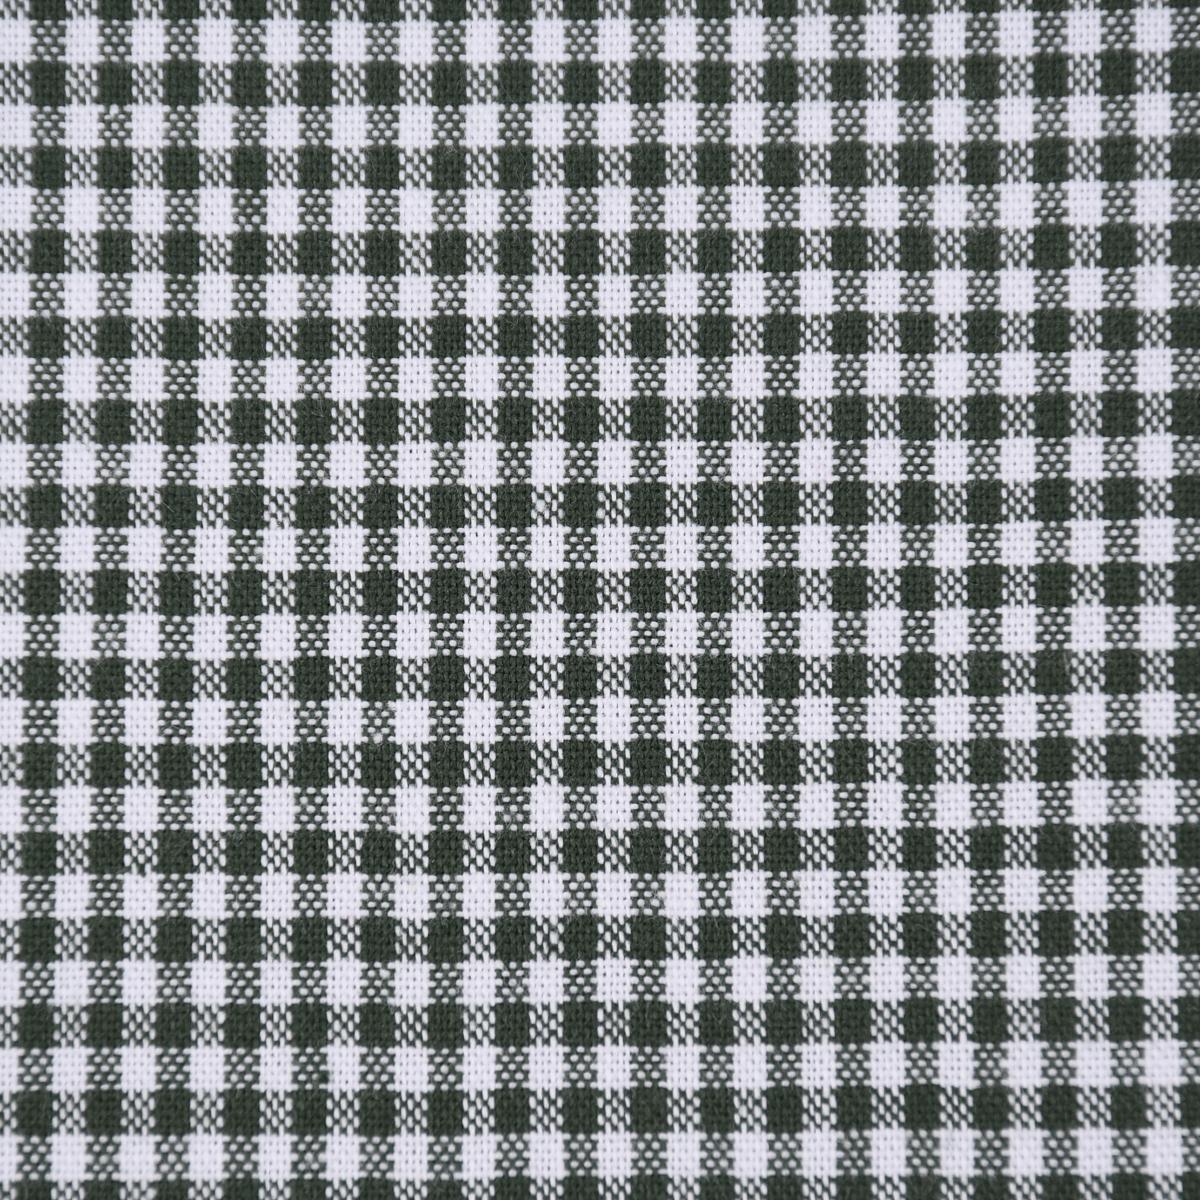 Baumwollstoff kariert weiß dunkelgrün 2mm 1,4m Breite